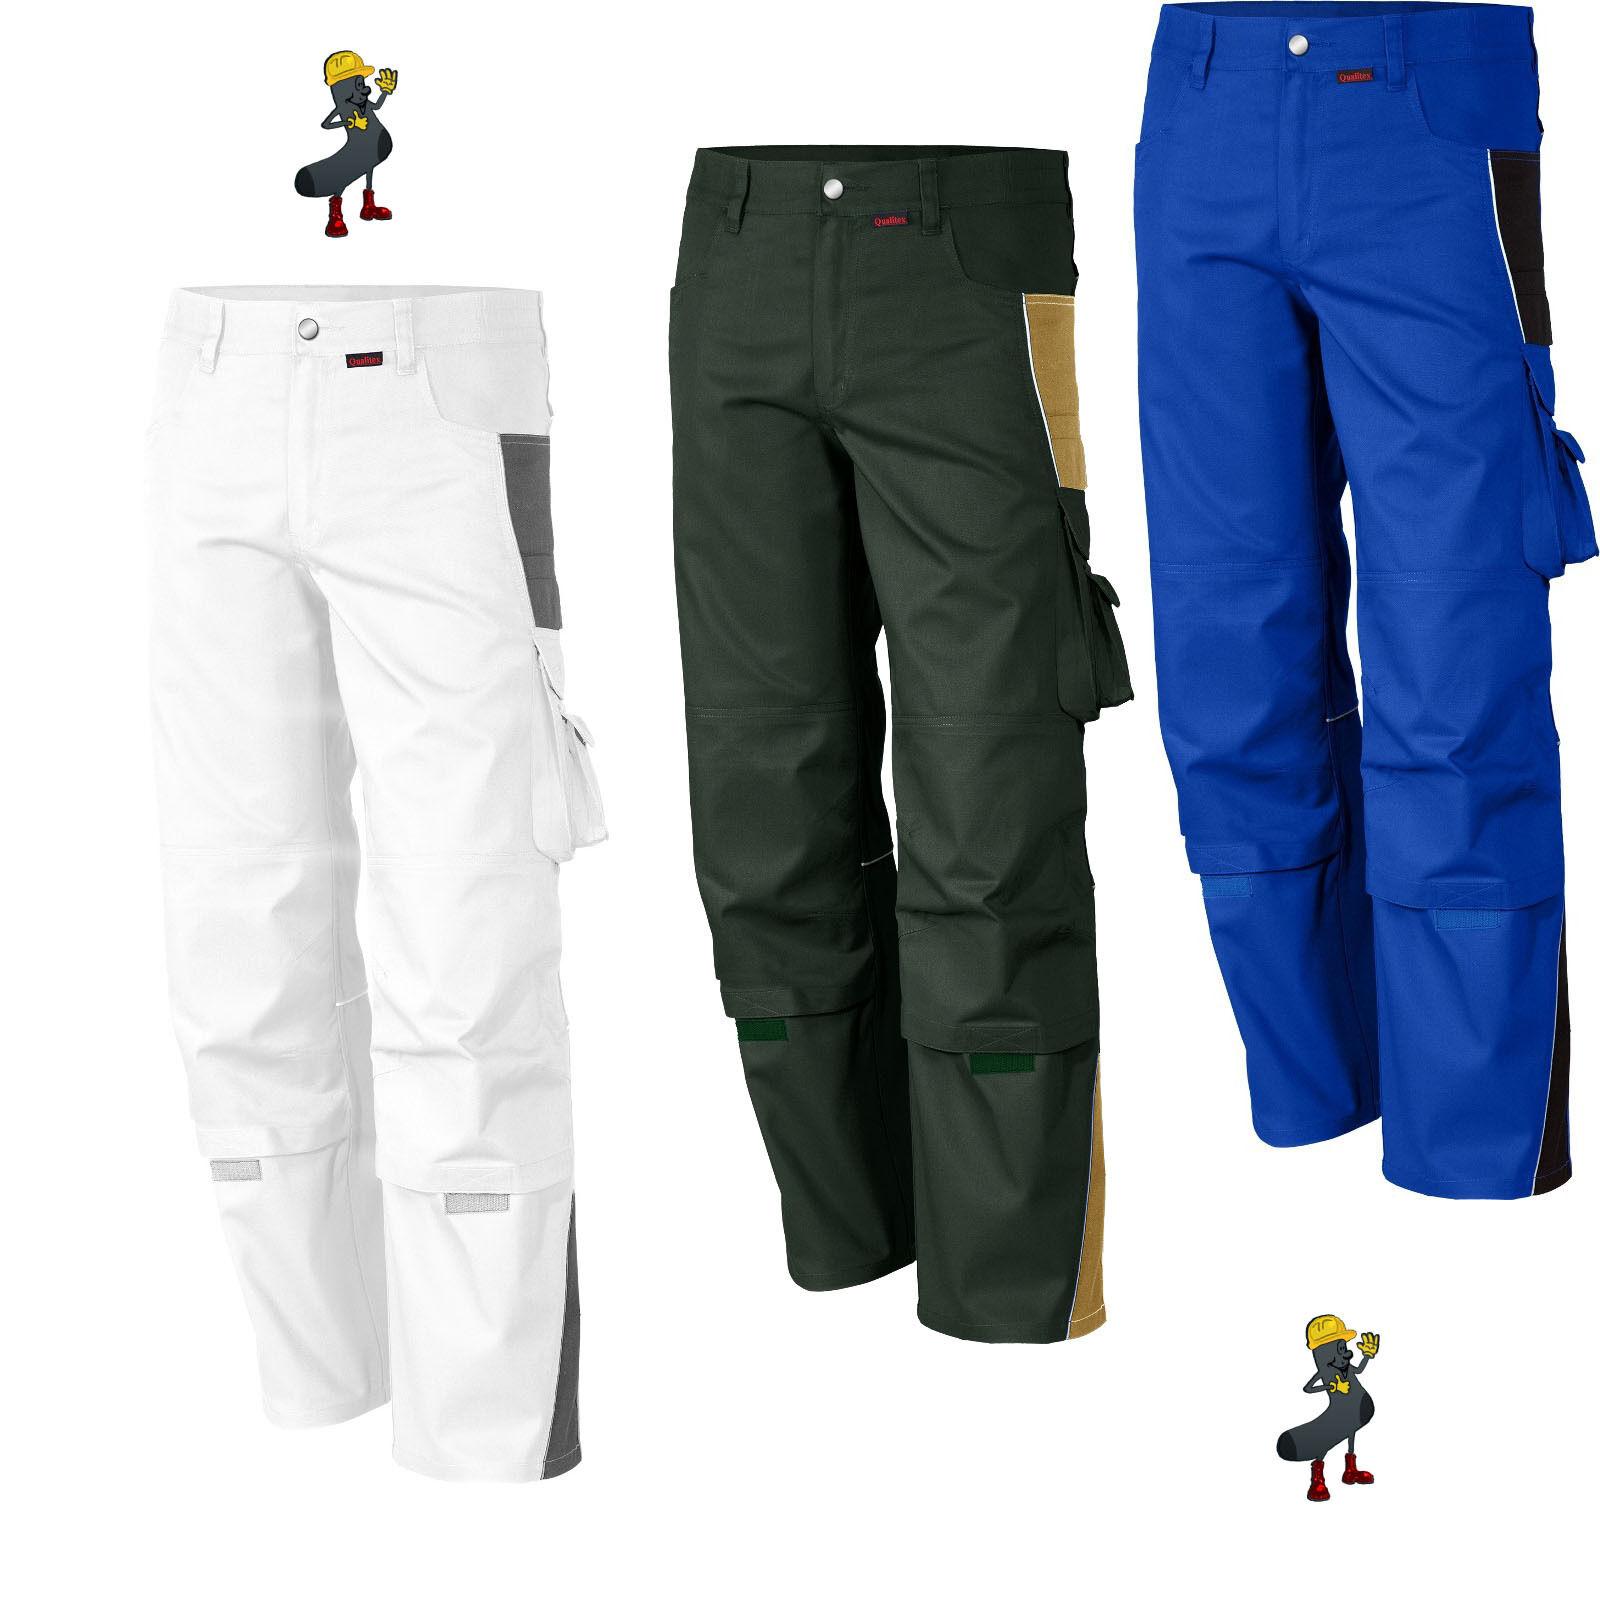 Pantaloni da Lavoro Veste Abbigliamento Pittore Professionale Qualitex Veste Lavoro Largo 7dec8f